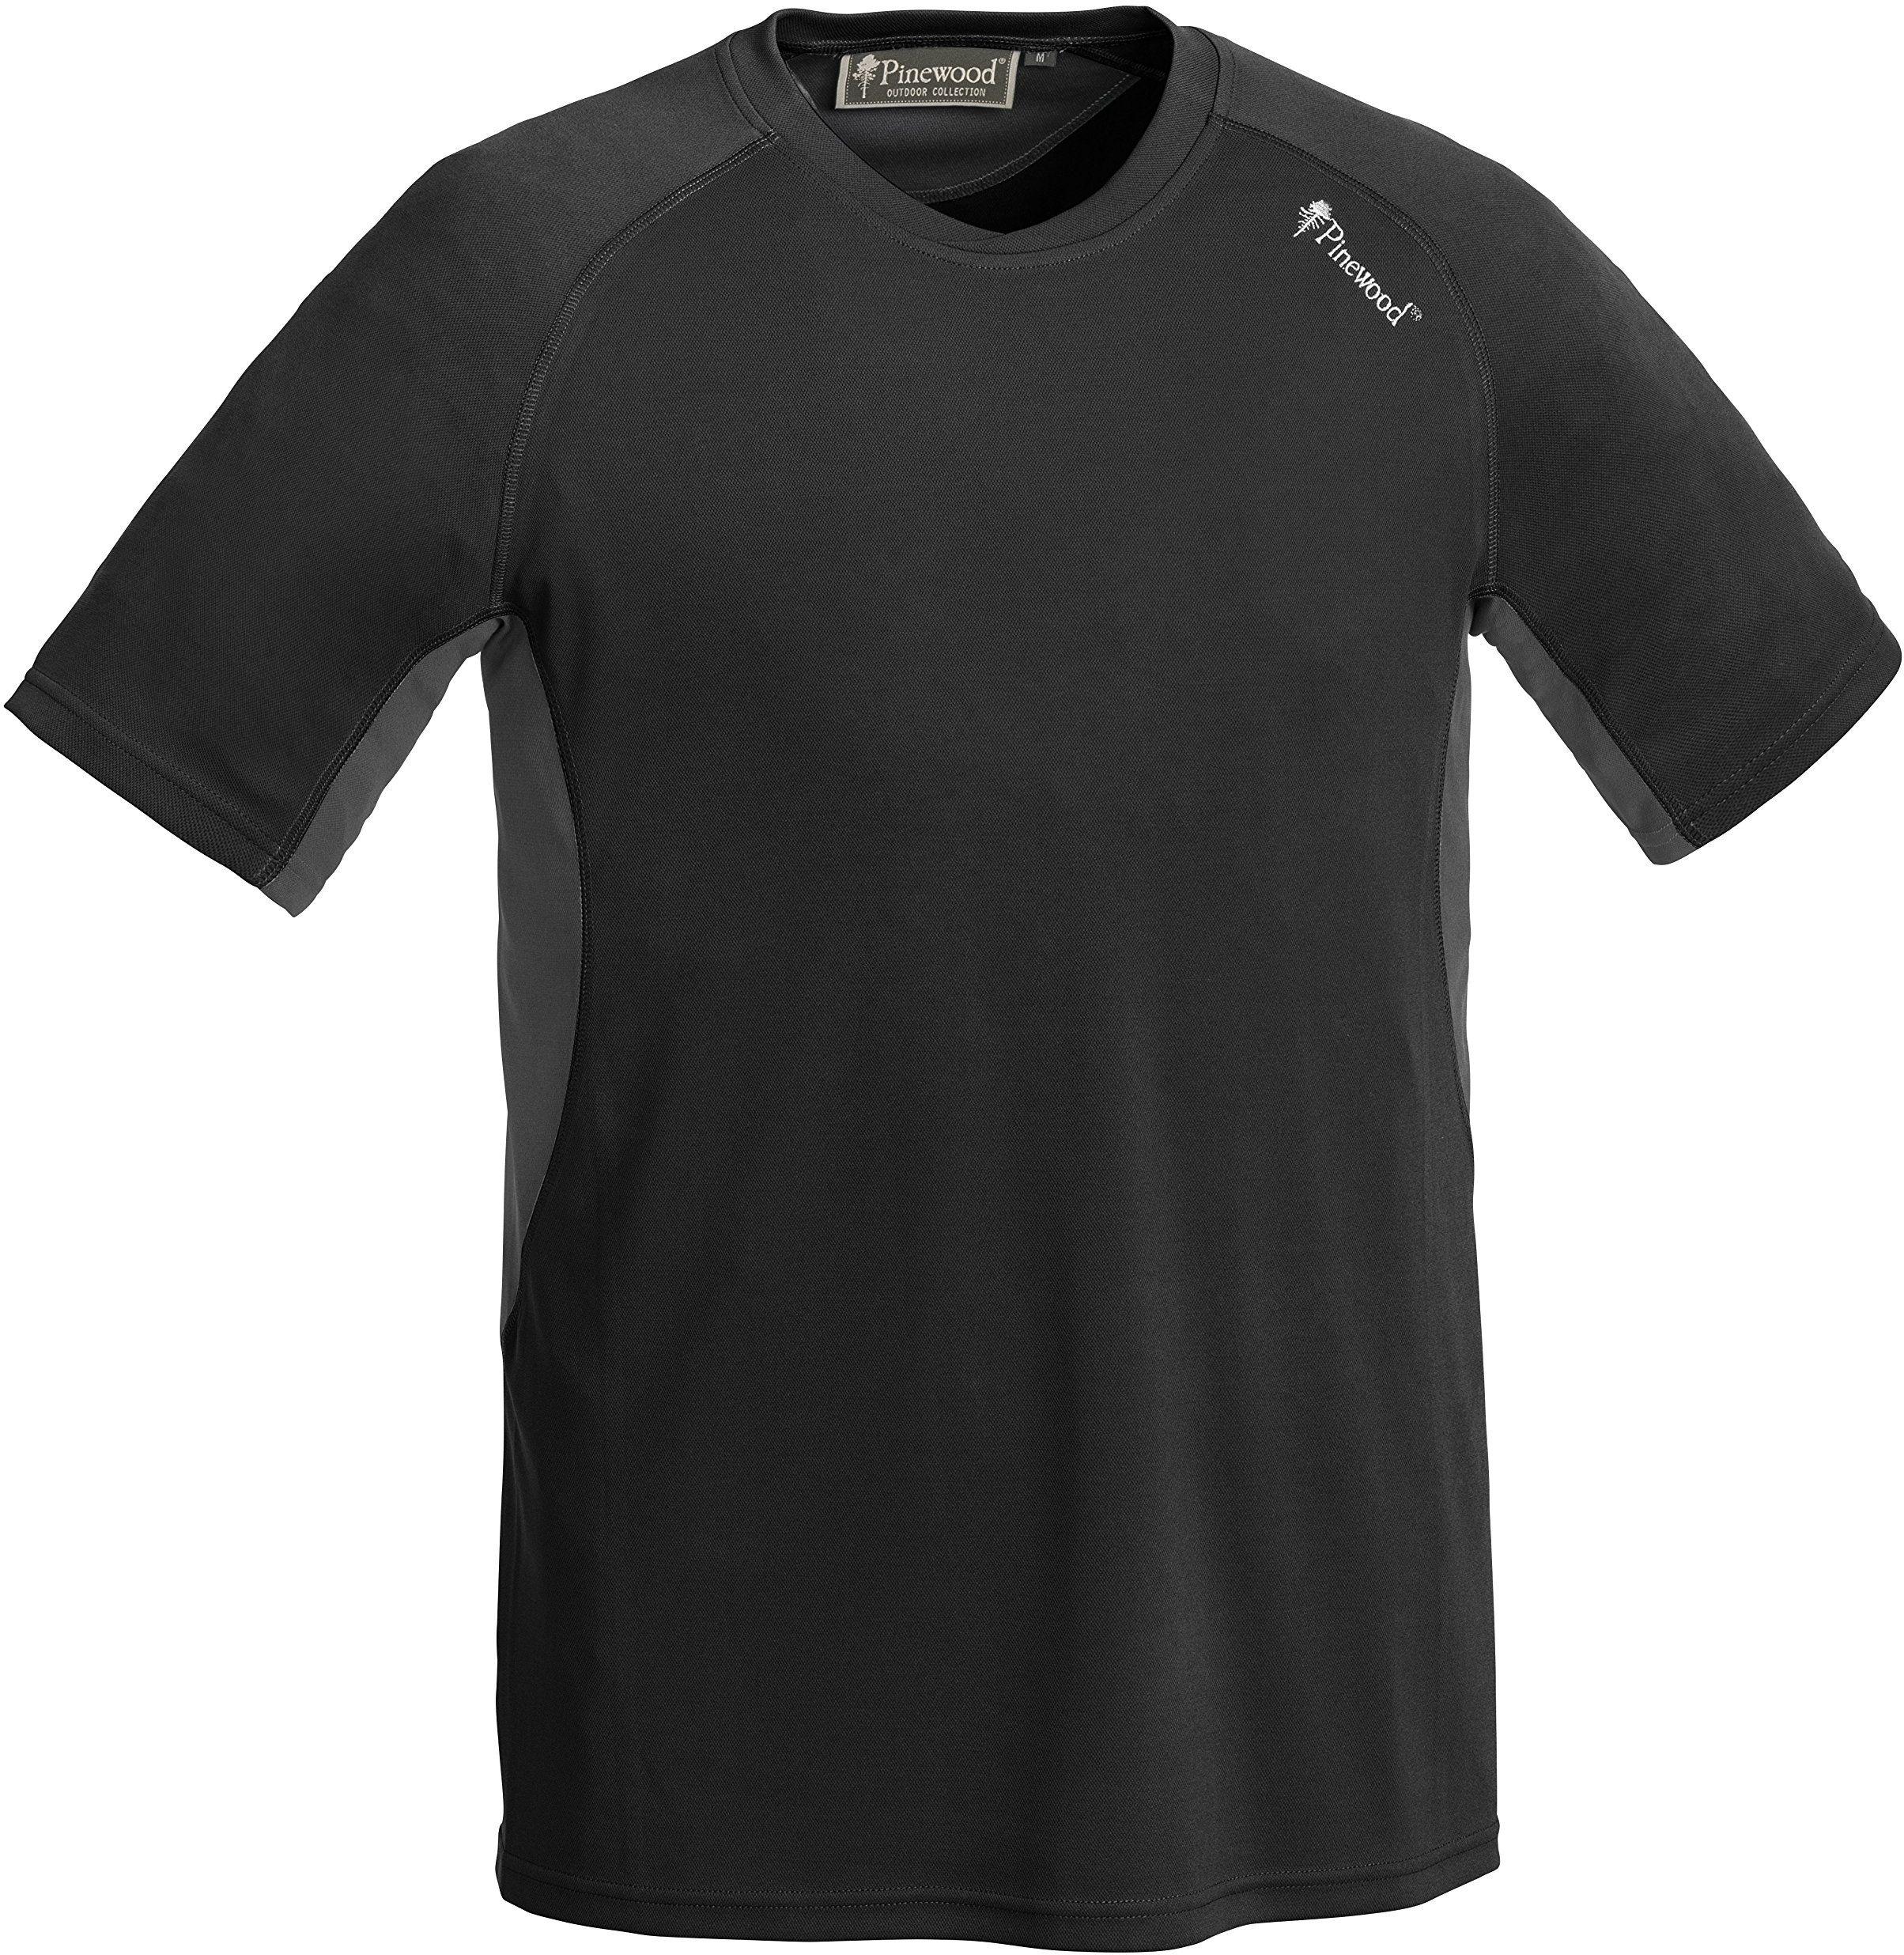 Pinewood Activ T-Shirt męski, czarny/szary, M